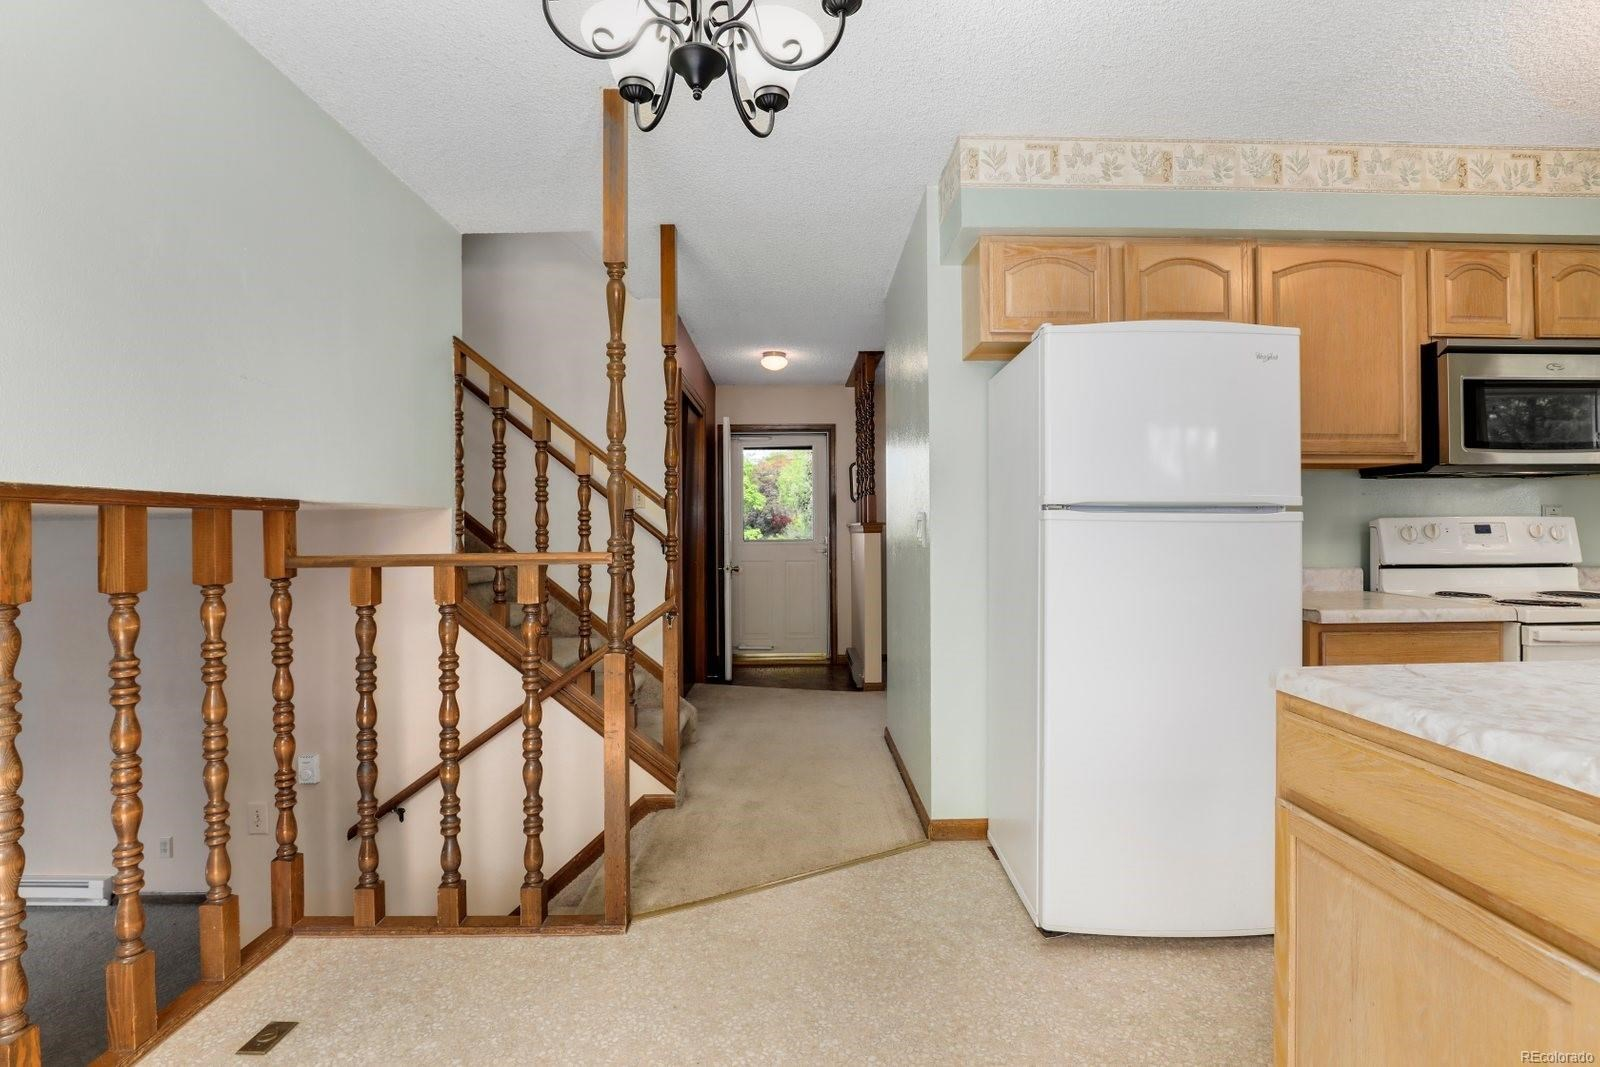 MLS# 9388293 - 12 - 920 Coral Court, Castle Rock, CO 80104